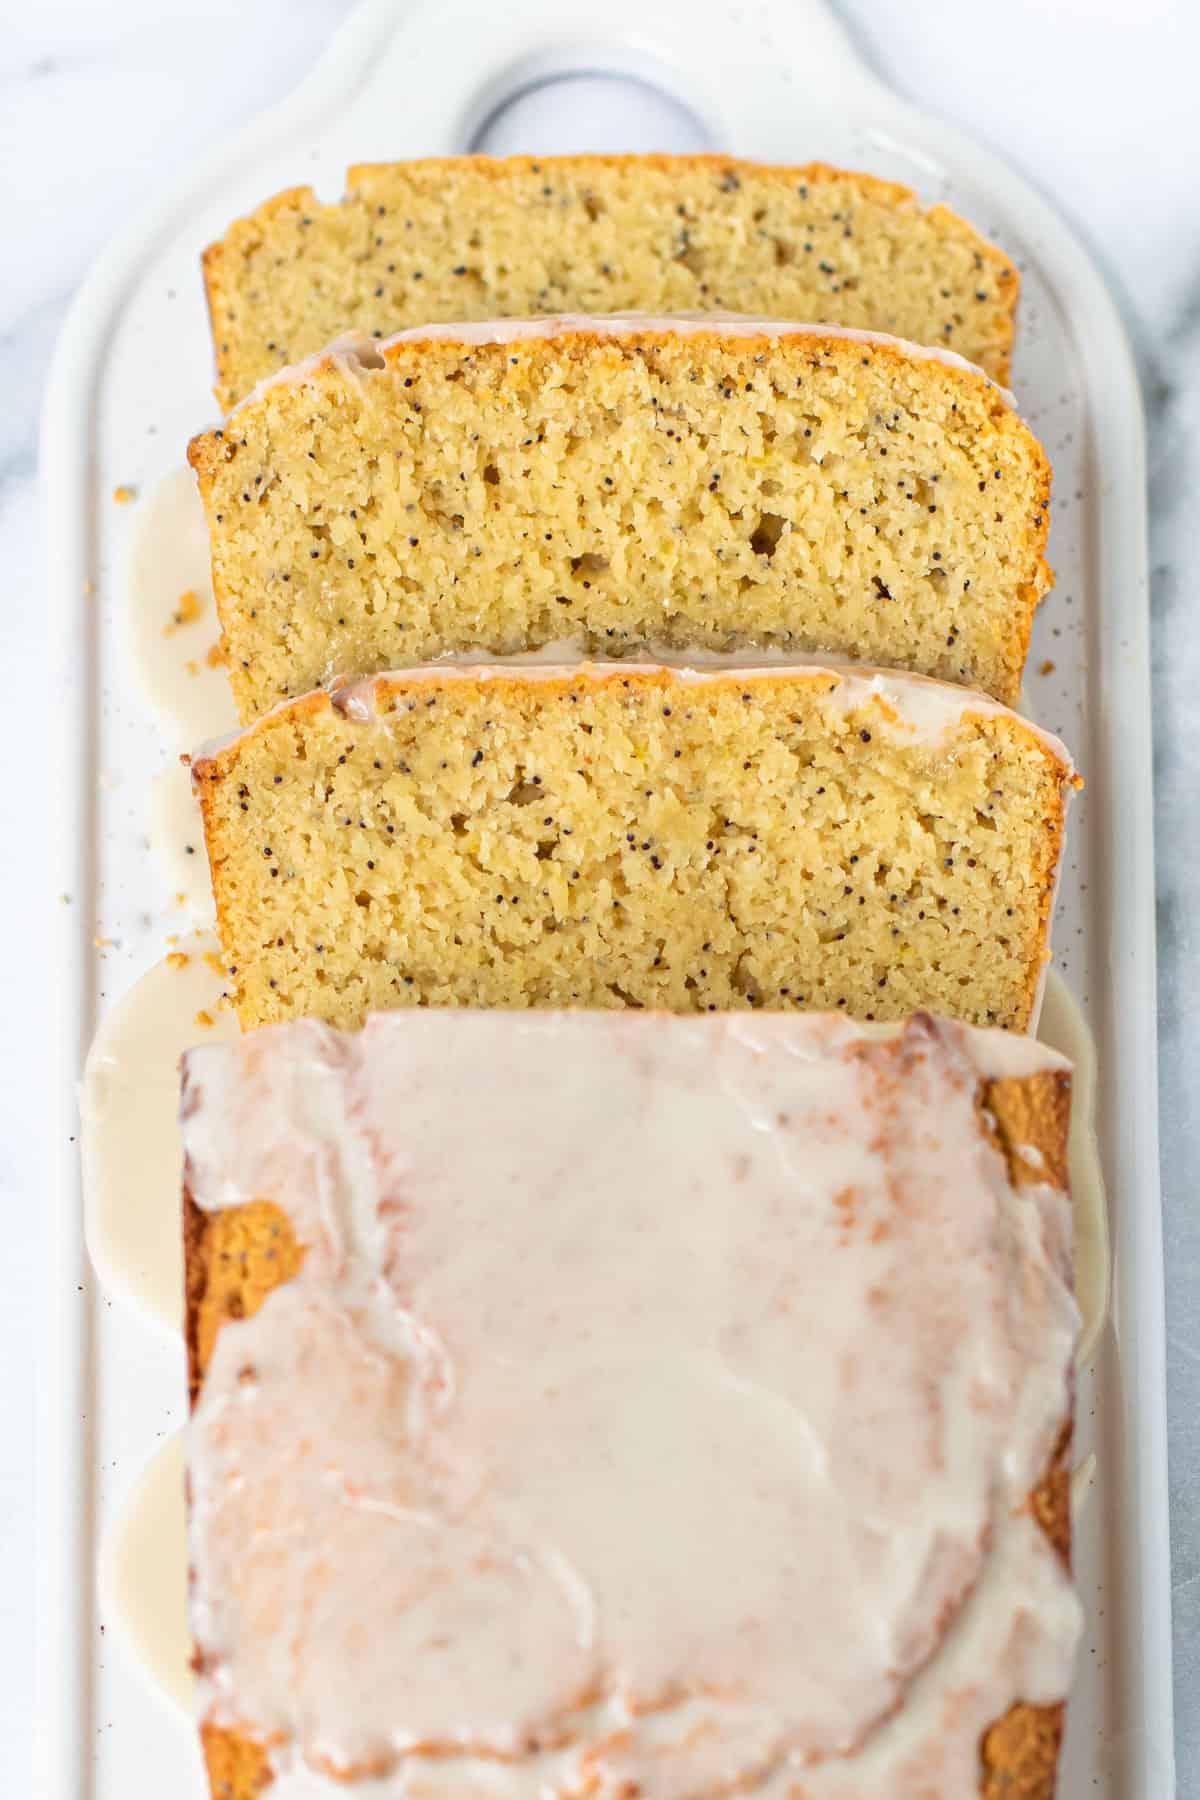 Slices of lemon poppy seed bread.